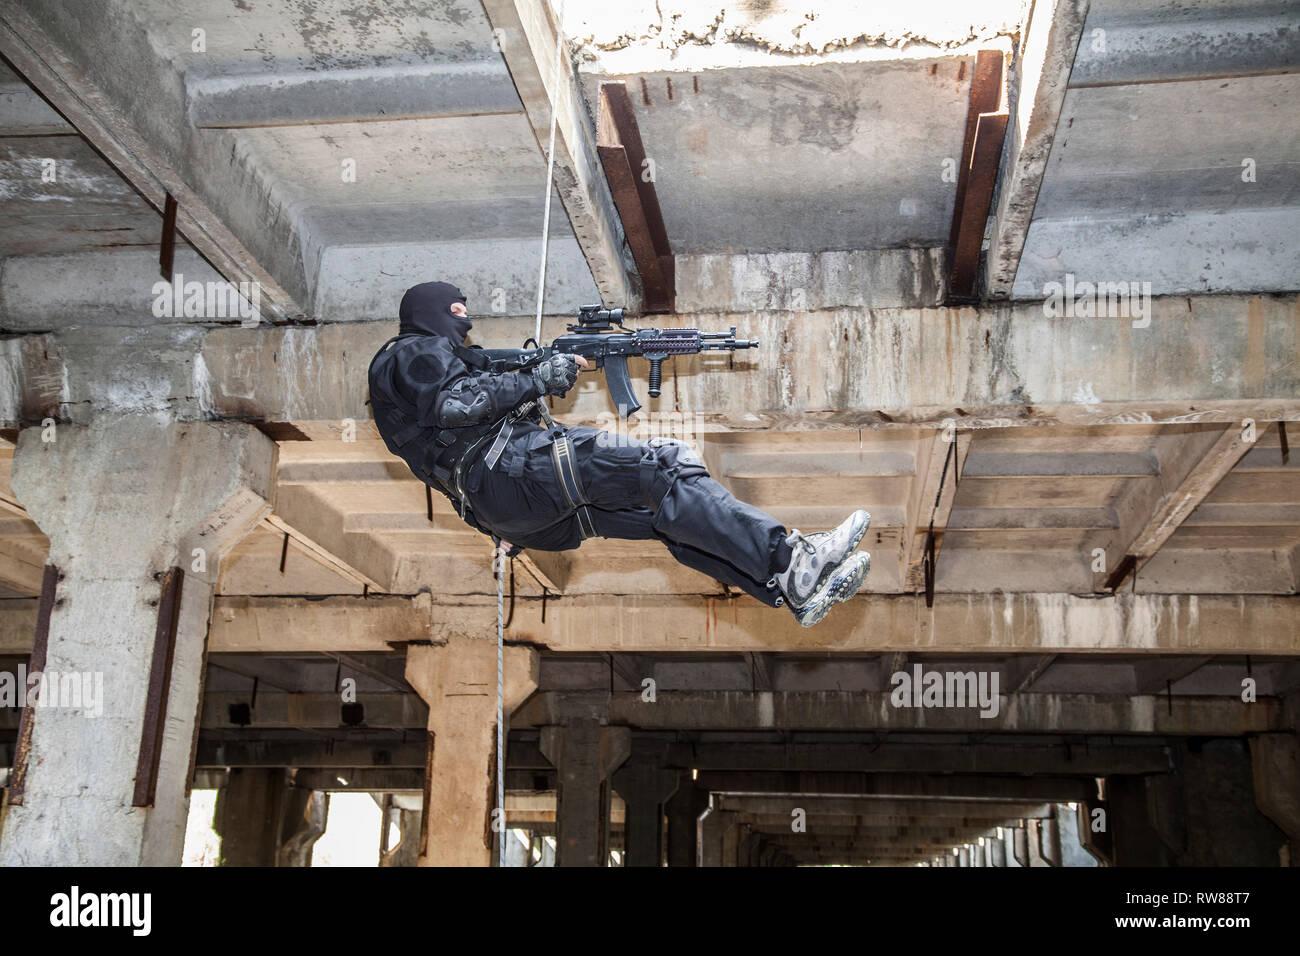 Operador de las fuerzas especiales durante el rapel con armas de asalto. Imagen De Stock